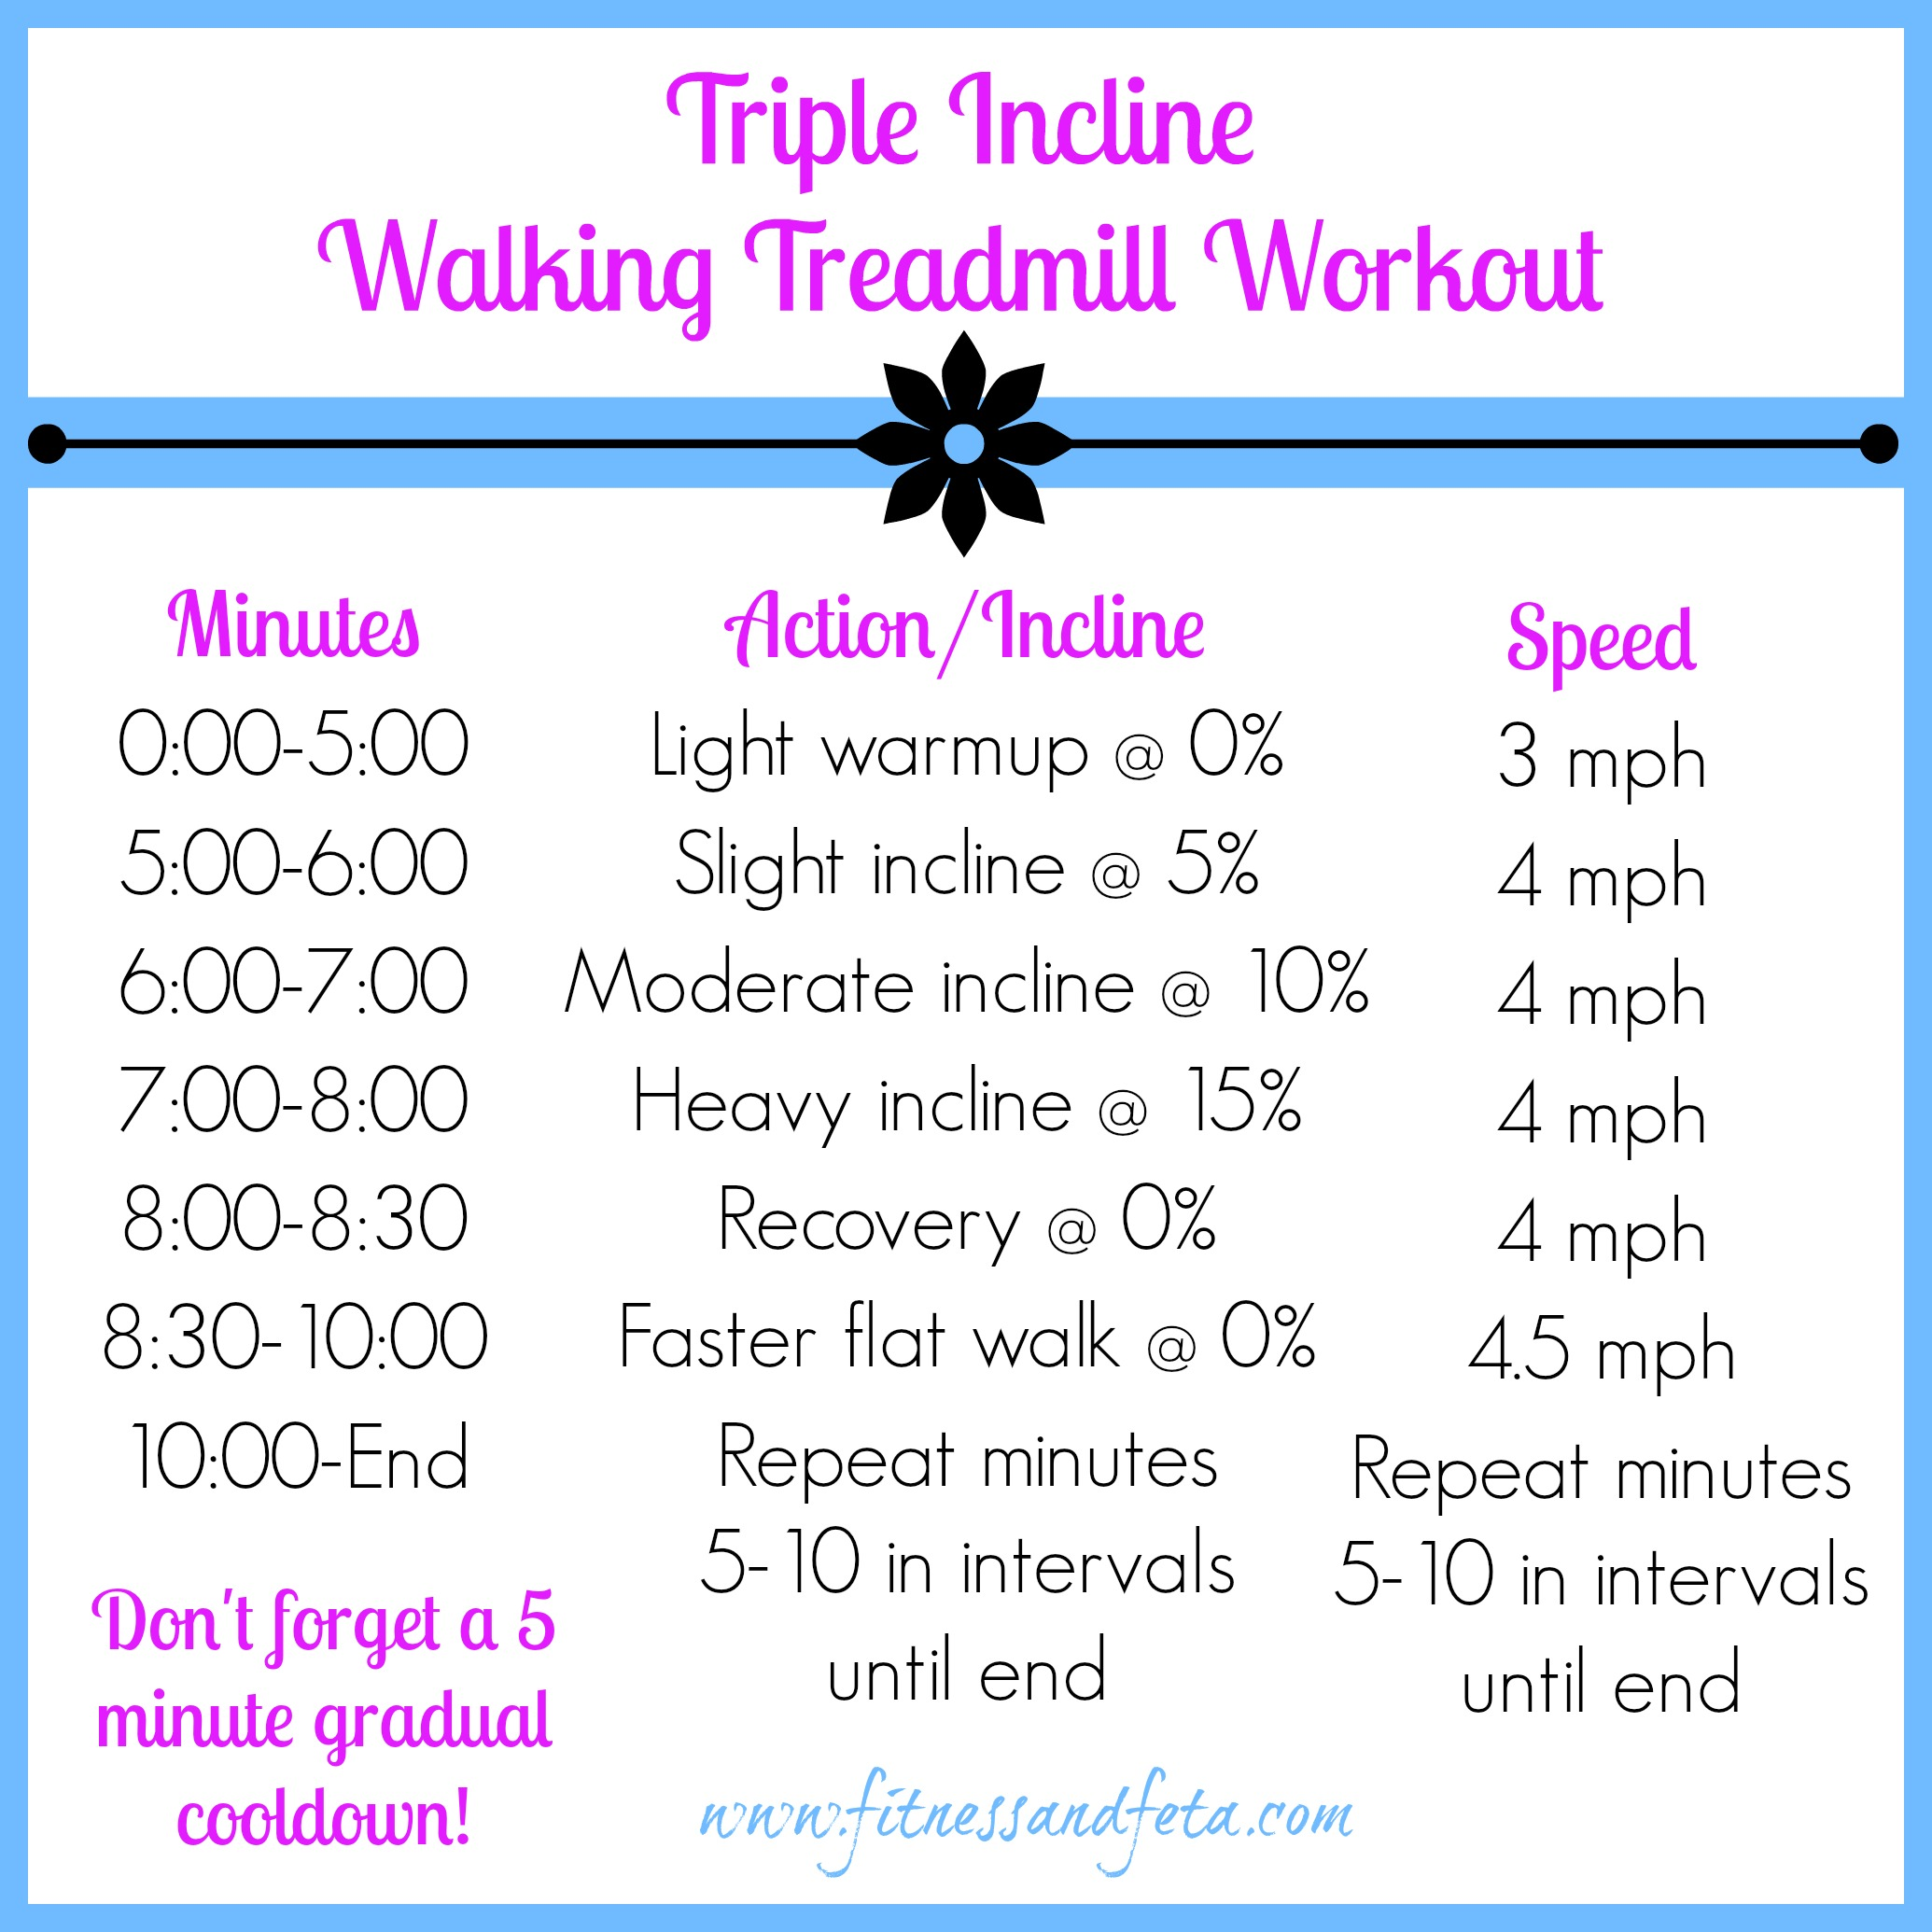 Triple Incline Walking Treadmill Workout